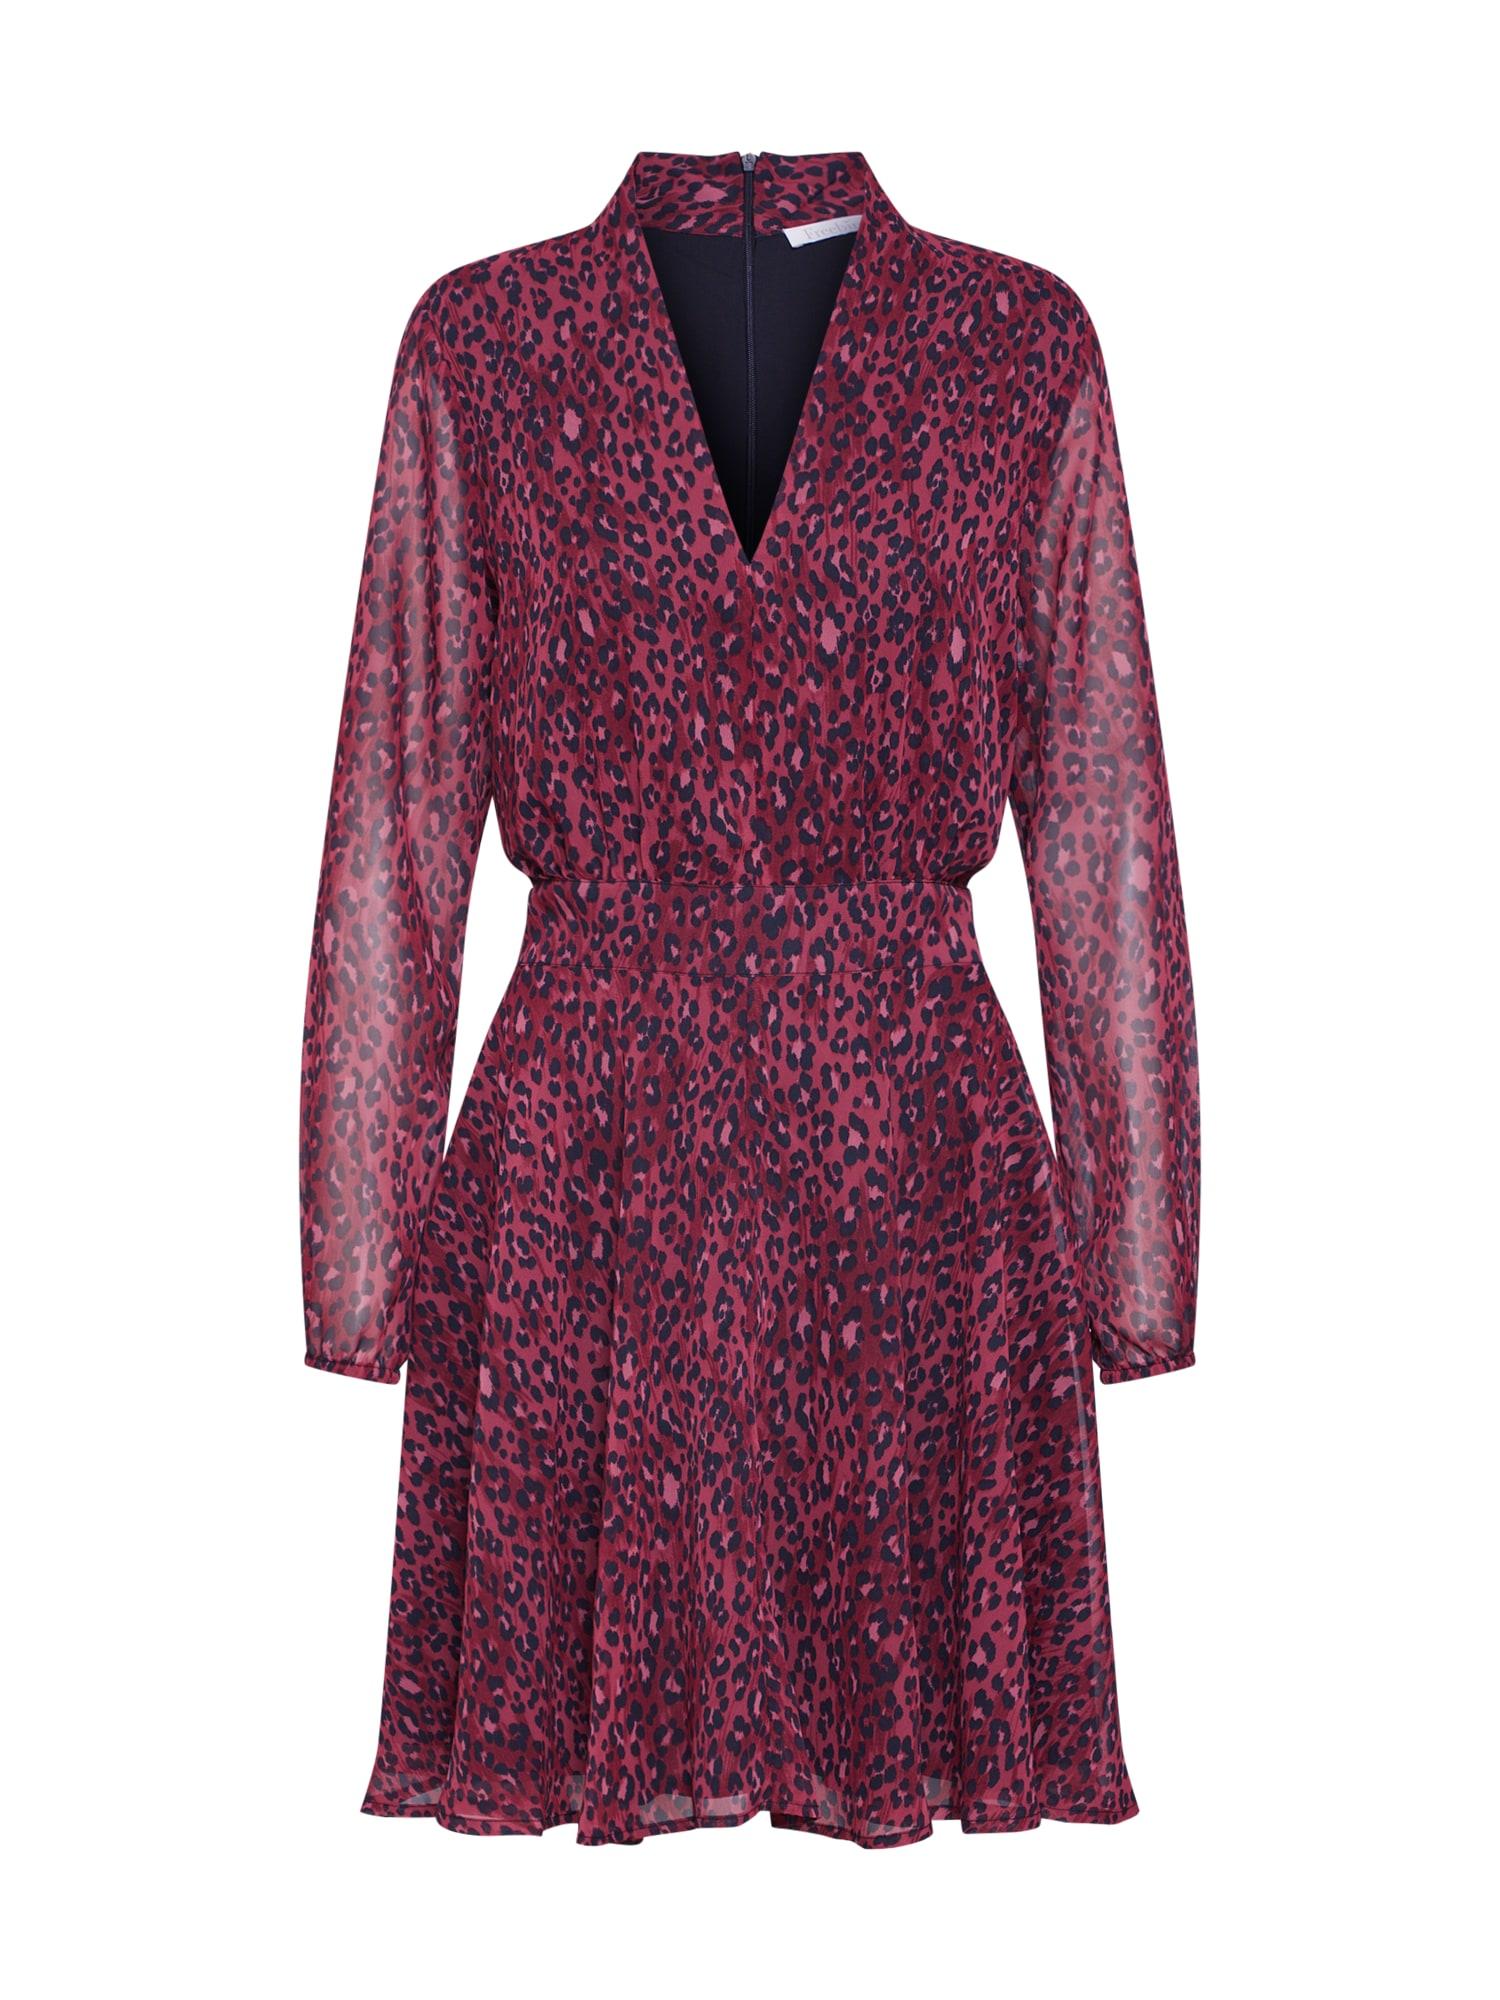 Letní šaty burgundská červeň černá Freebird